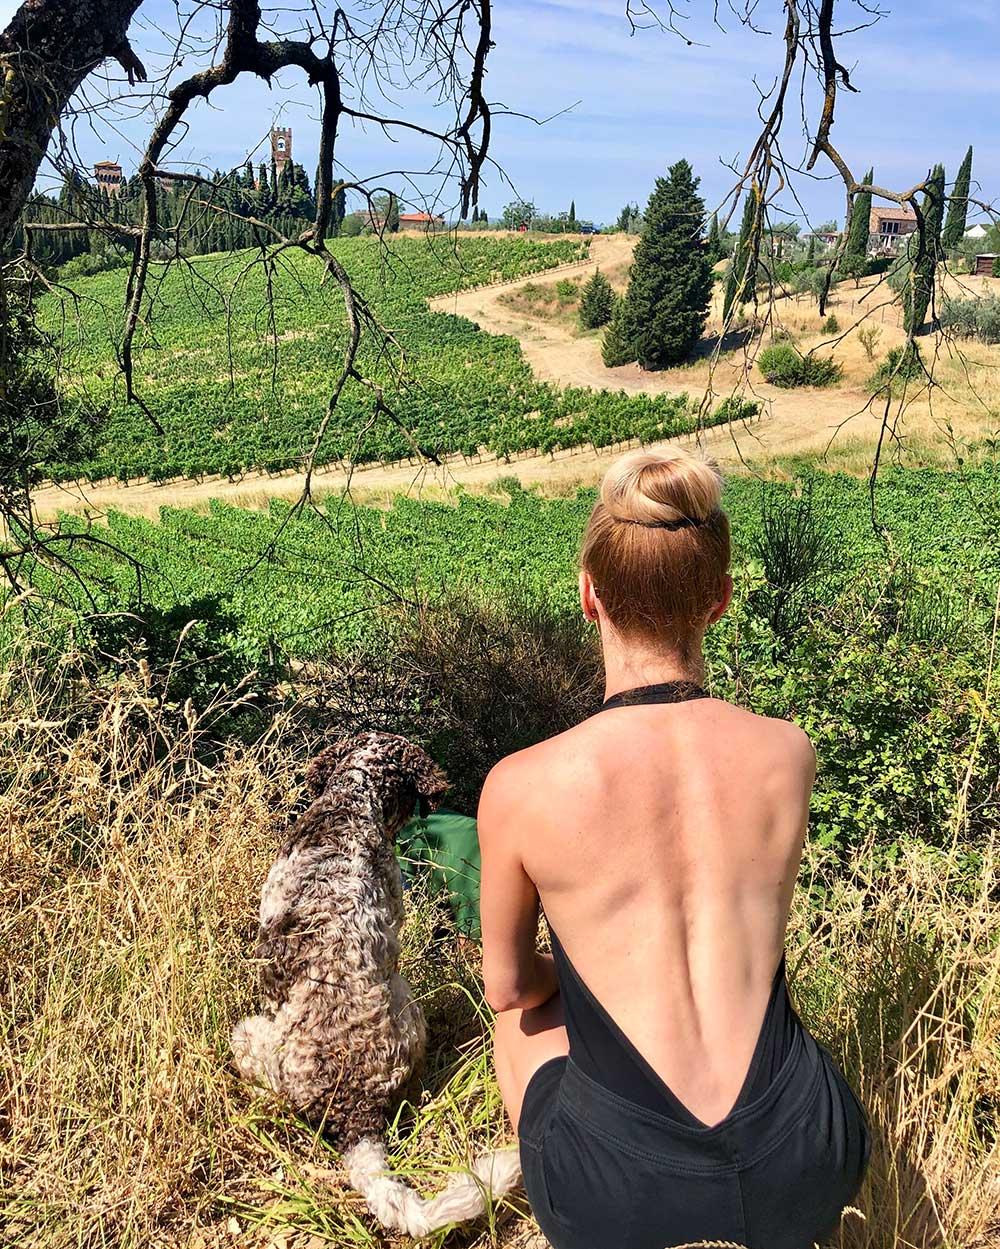 Tuscany vineyards truffle hunting dog Glamour Gains travel blog